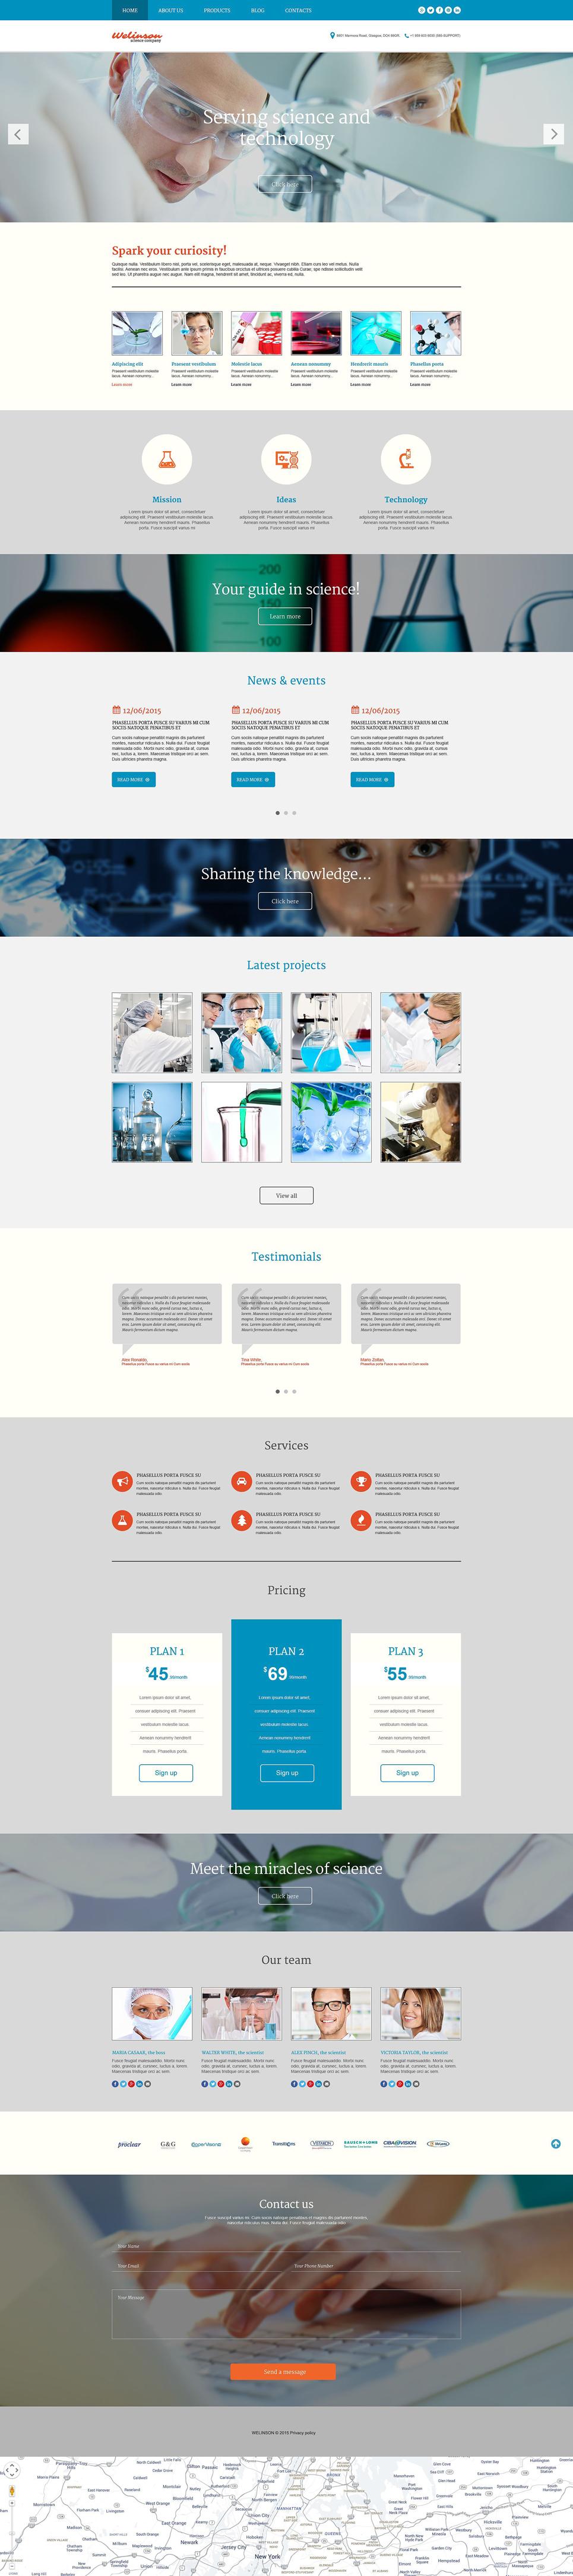 Адаптивный шаблон сайта на тему научная лаборатория #54046